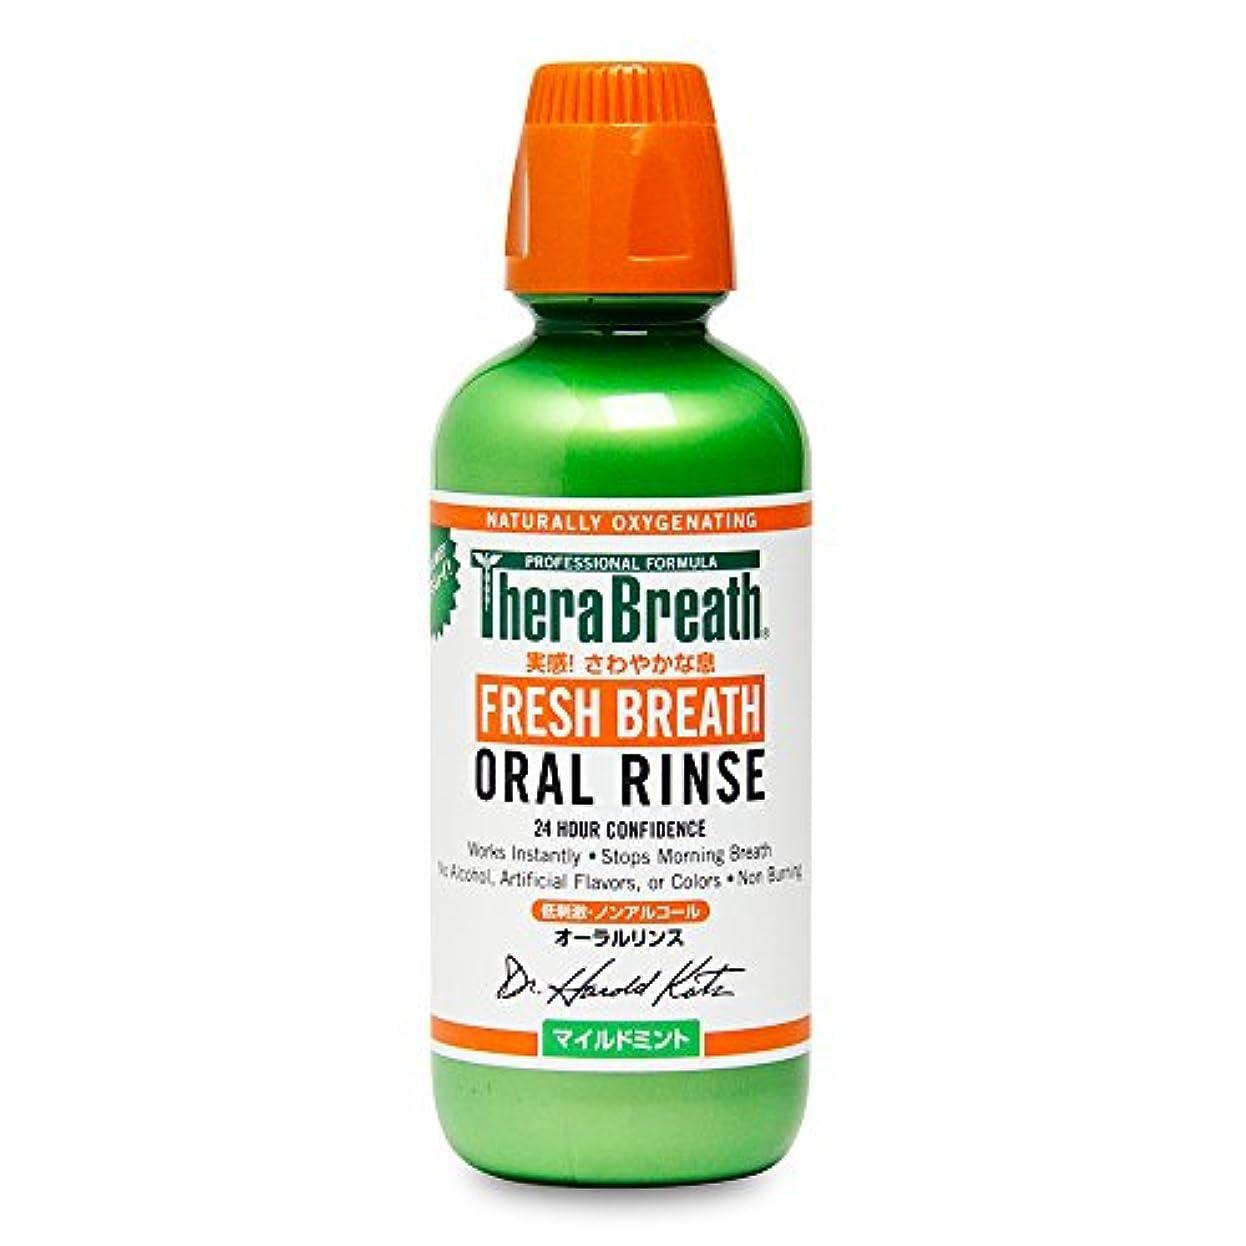 注目すべき歯科医ペリスコープTheraBreath (セラブレス) セラブレスオーラルリンス マイルドミント 473ml(正規輸入品) マウスウォッシュ